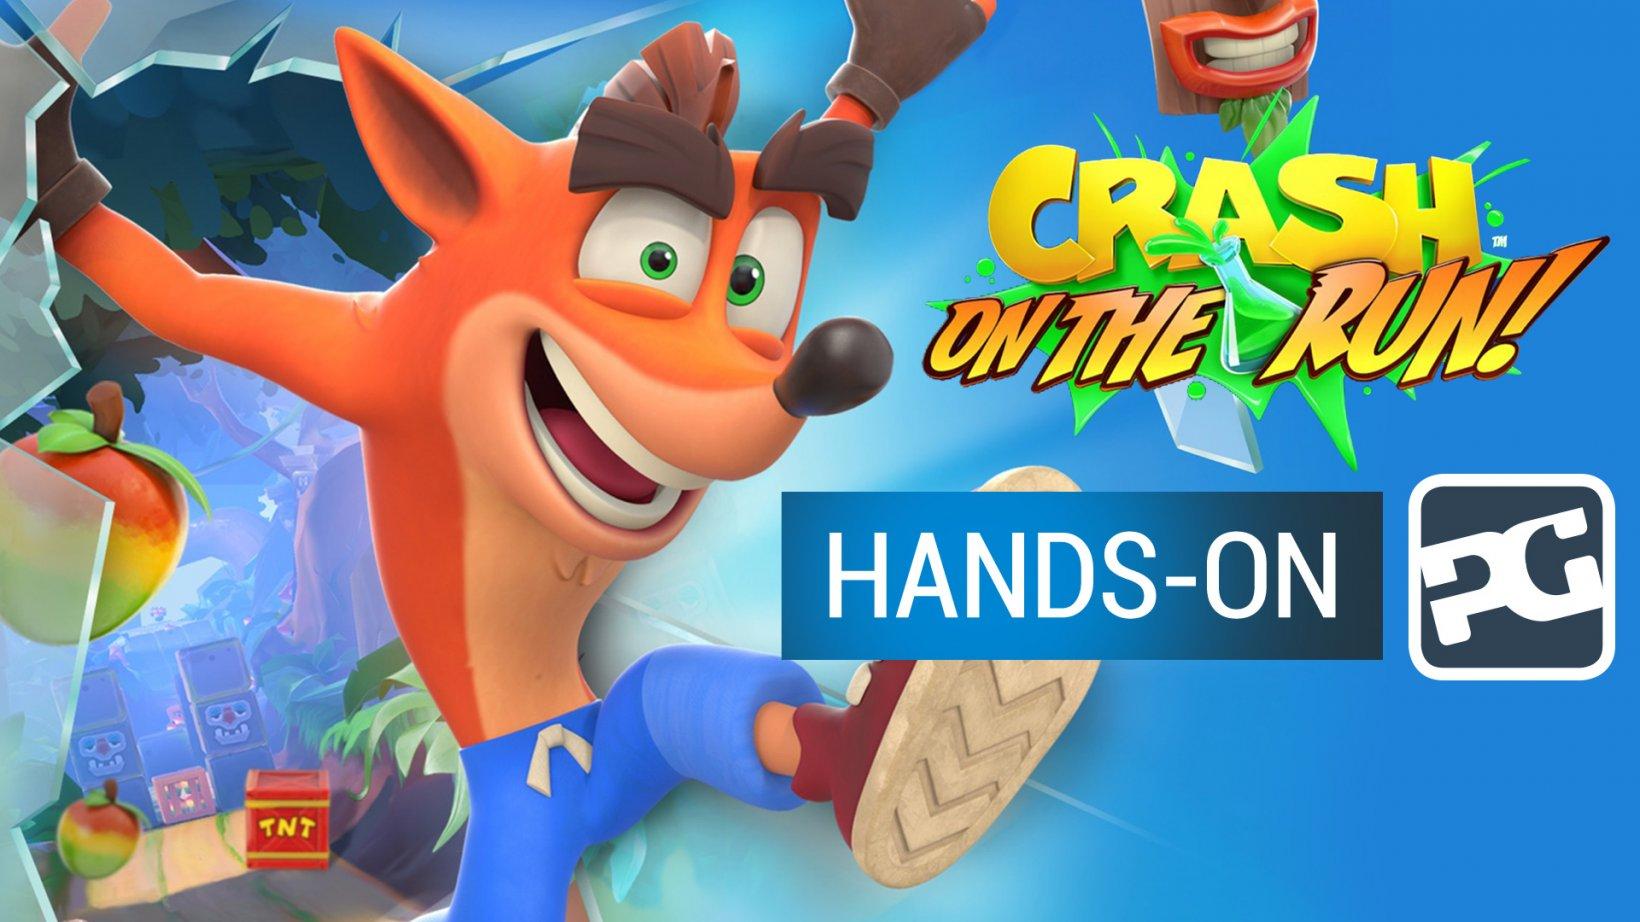 Crash Bandicoot: On The Run gameplay video